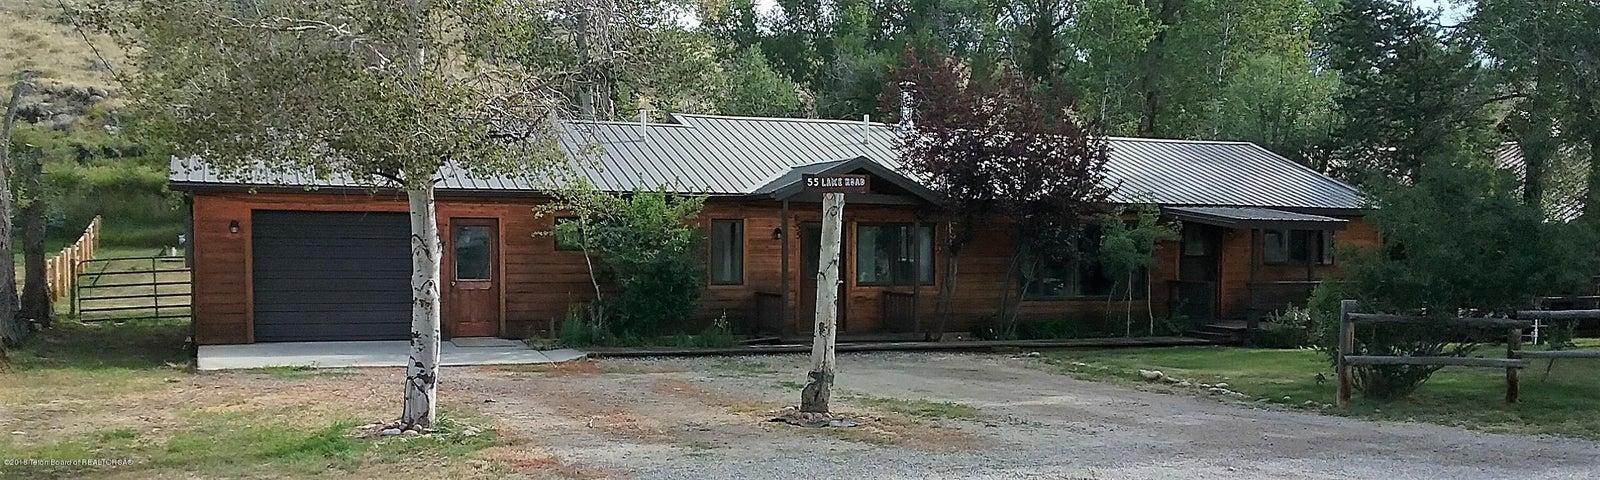 55 W LAKE RD, Pinedale, WY 82941